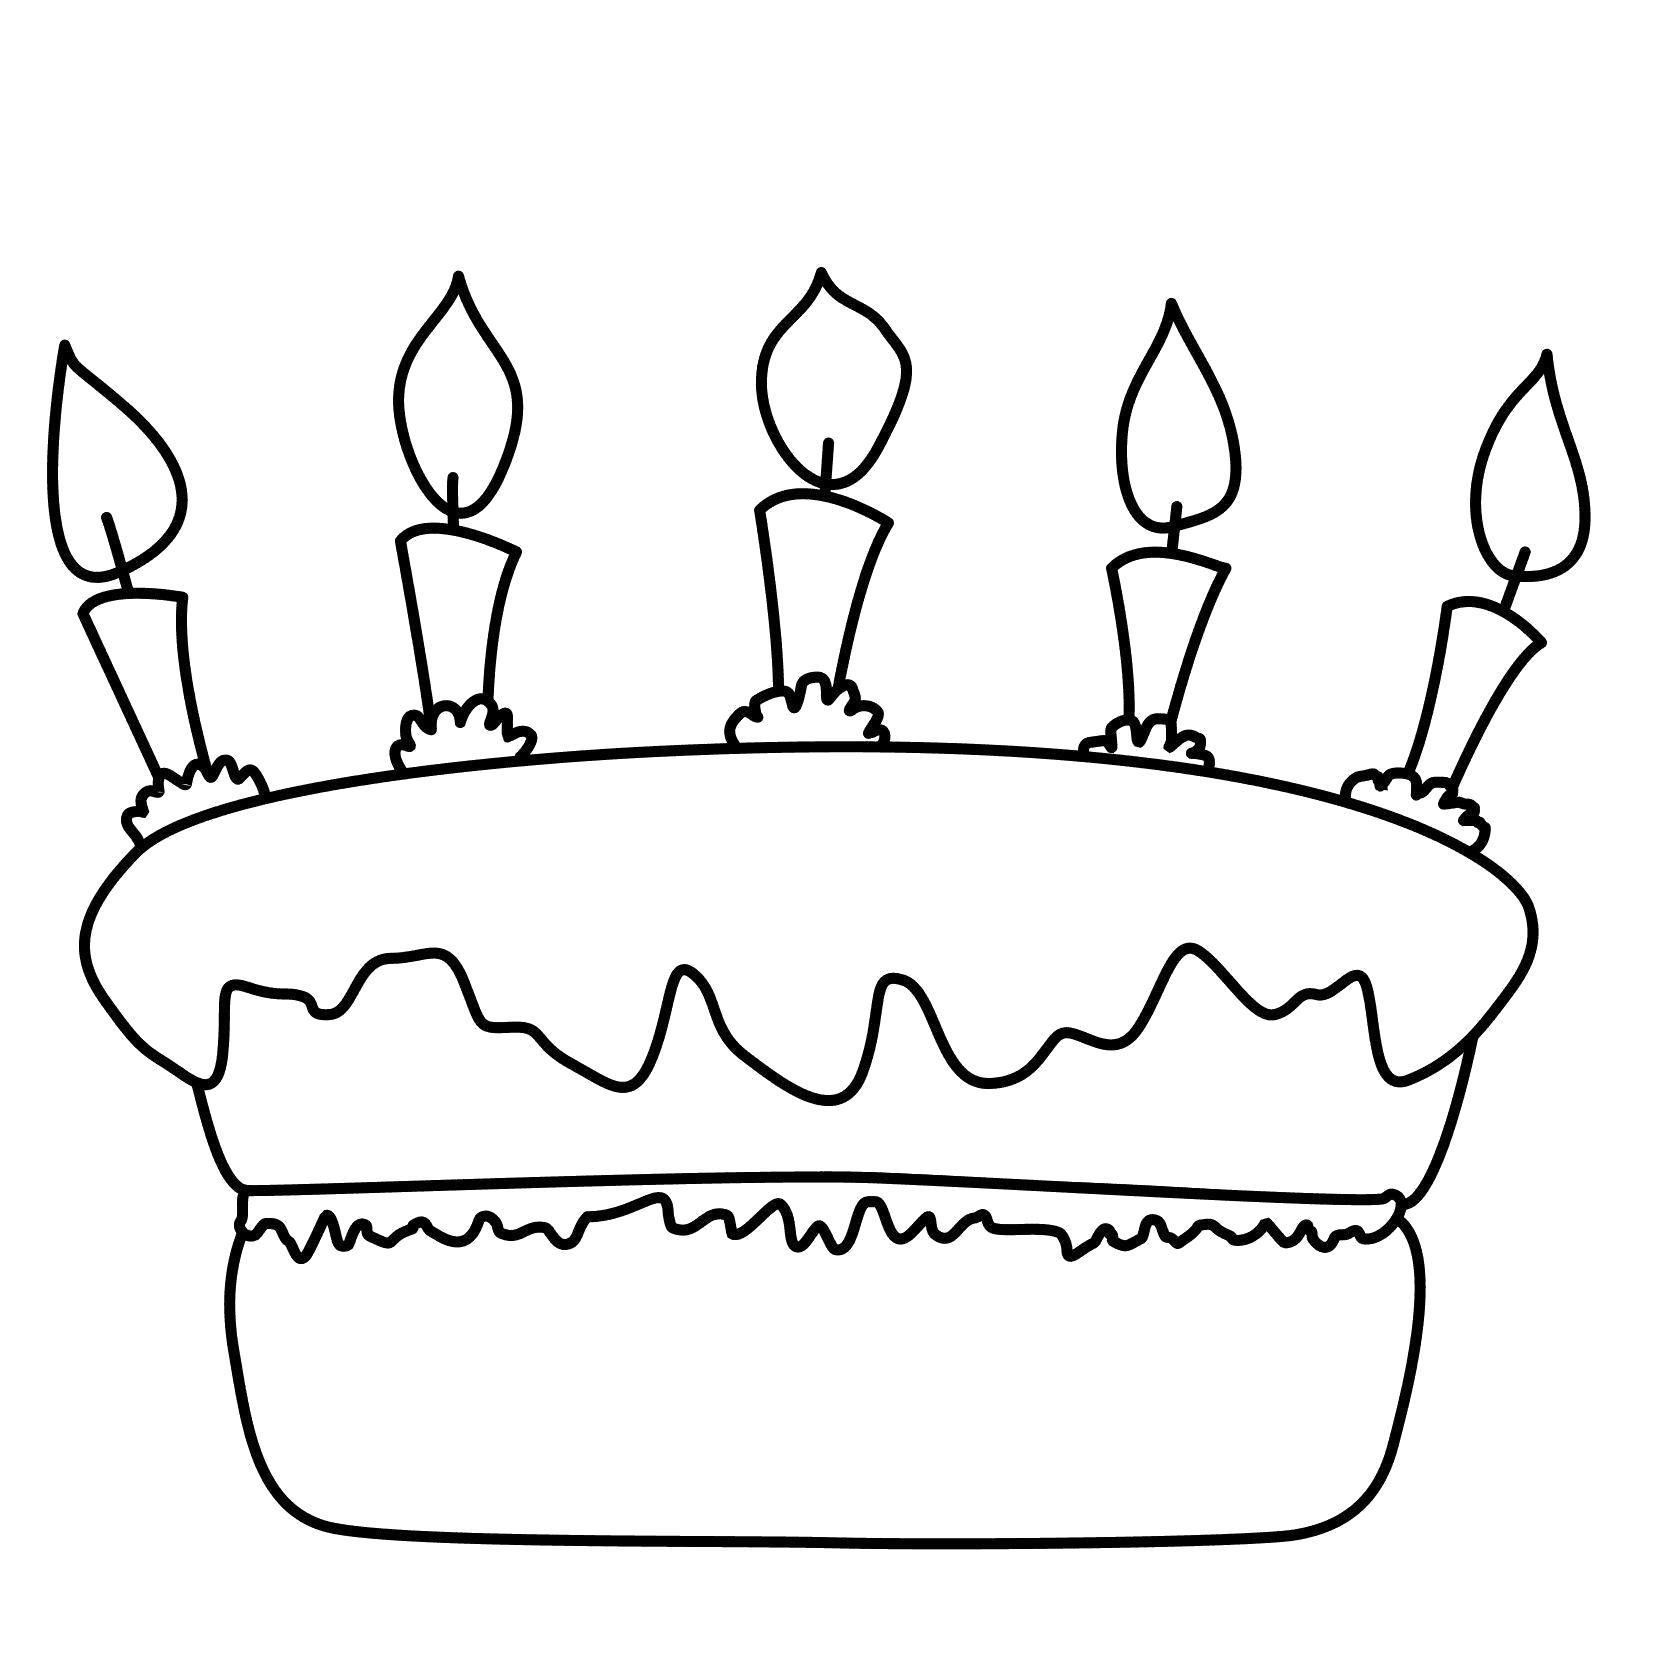 Раскраска Свечки на торте . Скачать торт.  Распечатать еда